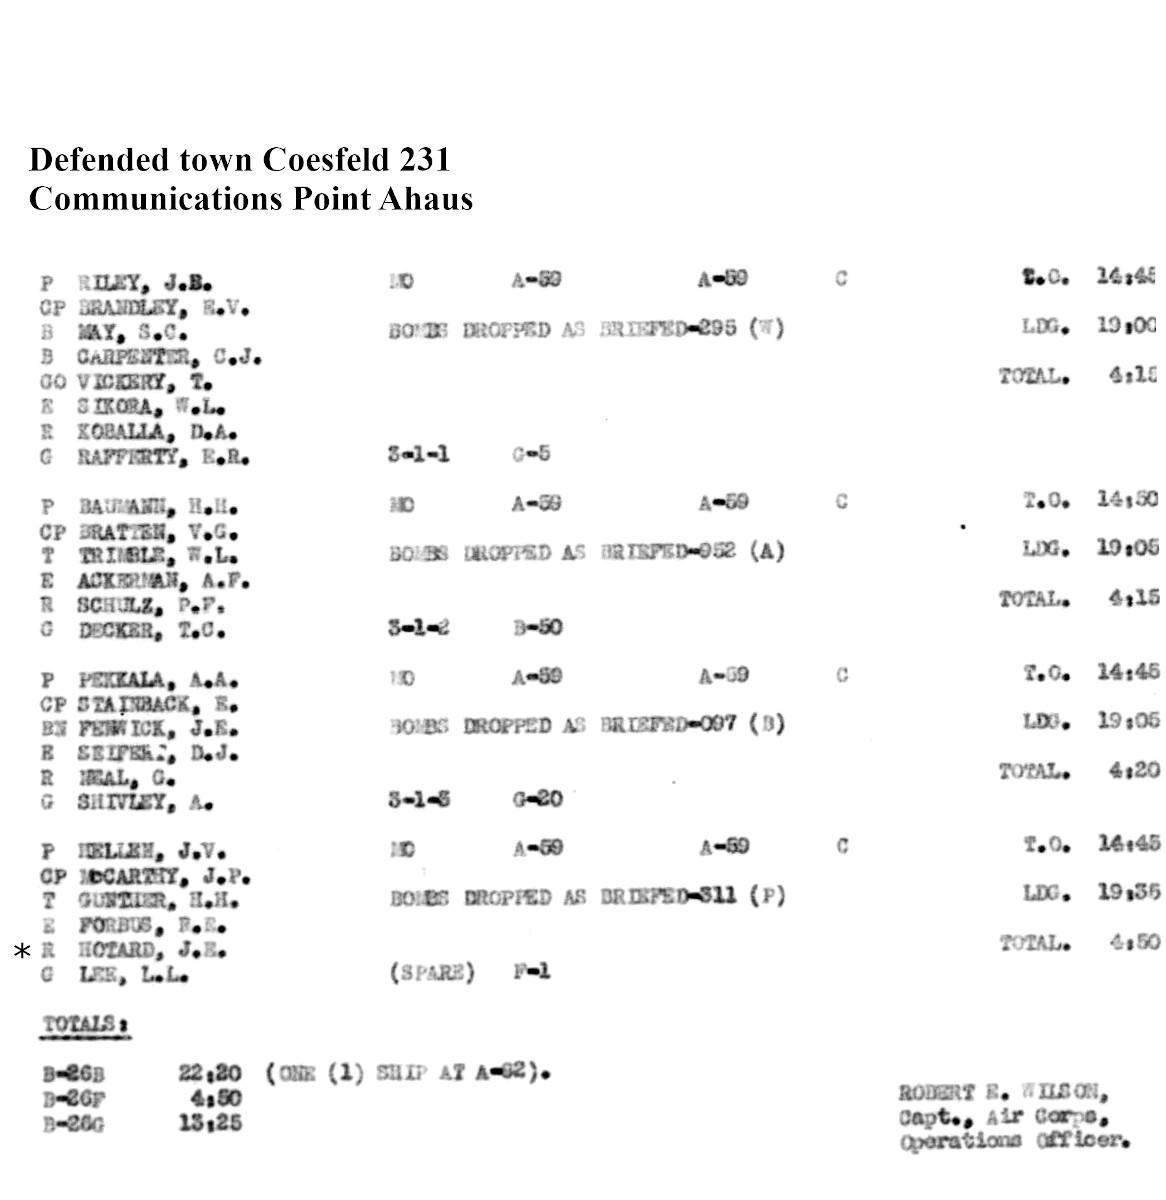 B0299 p9 LL 3:21:45 Hellen:Hotard